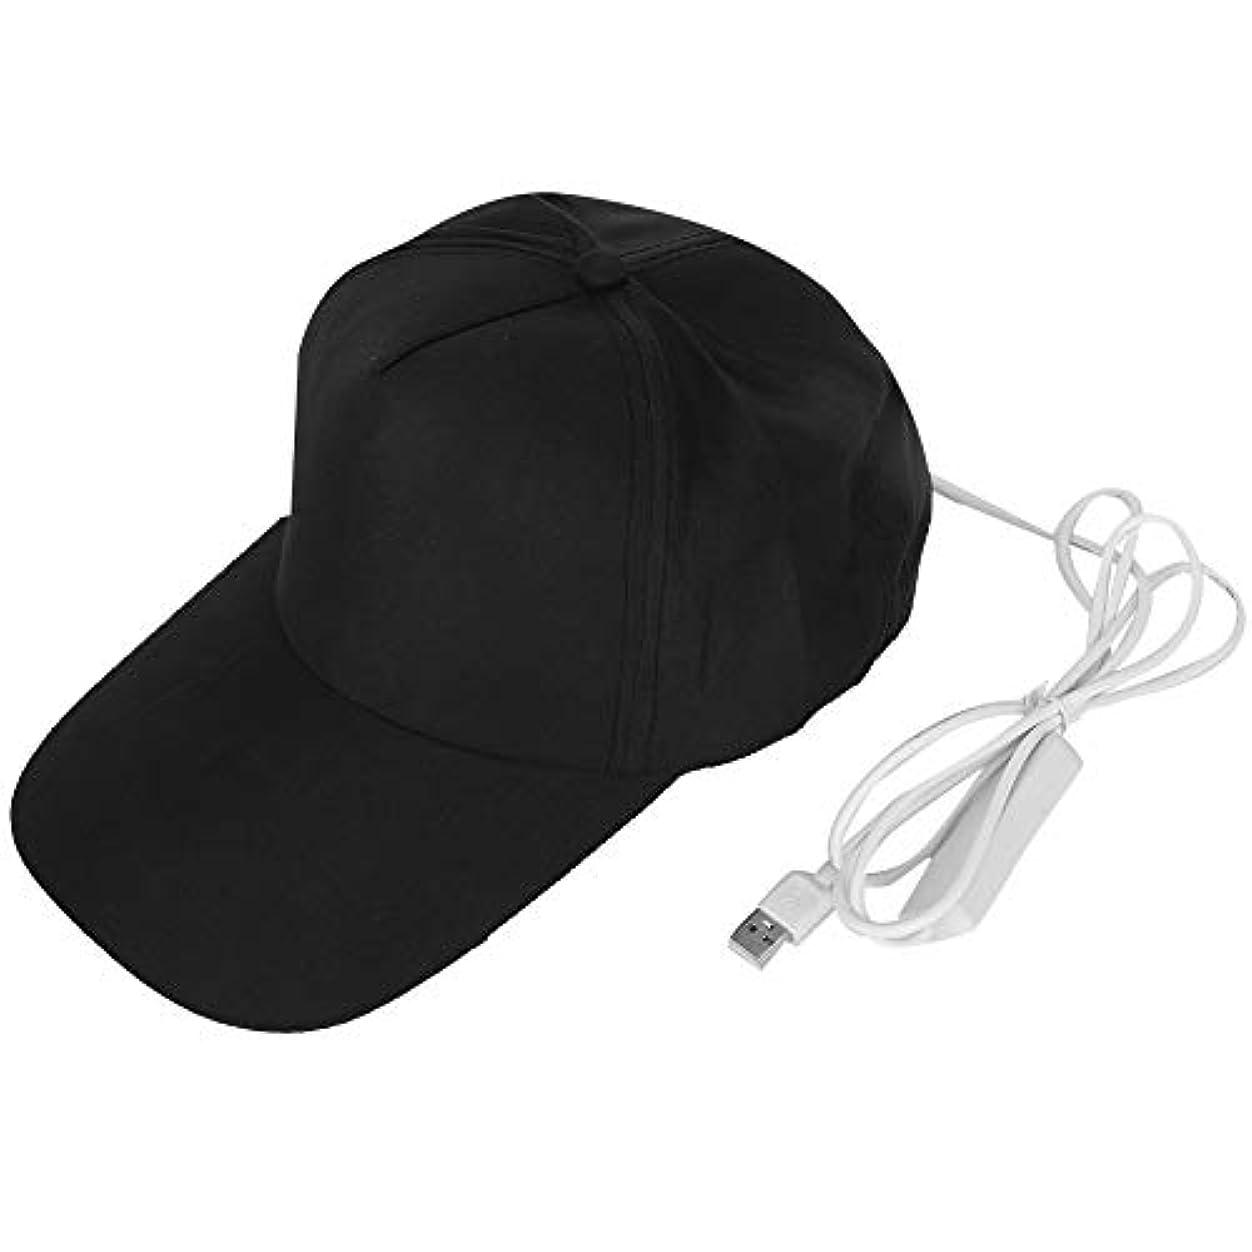 他に憧れ等152pcs軽い破片の毛の成長の反毛の帽子